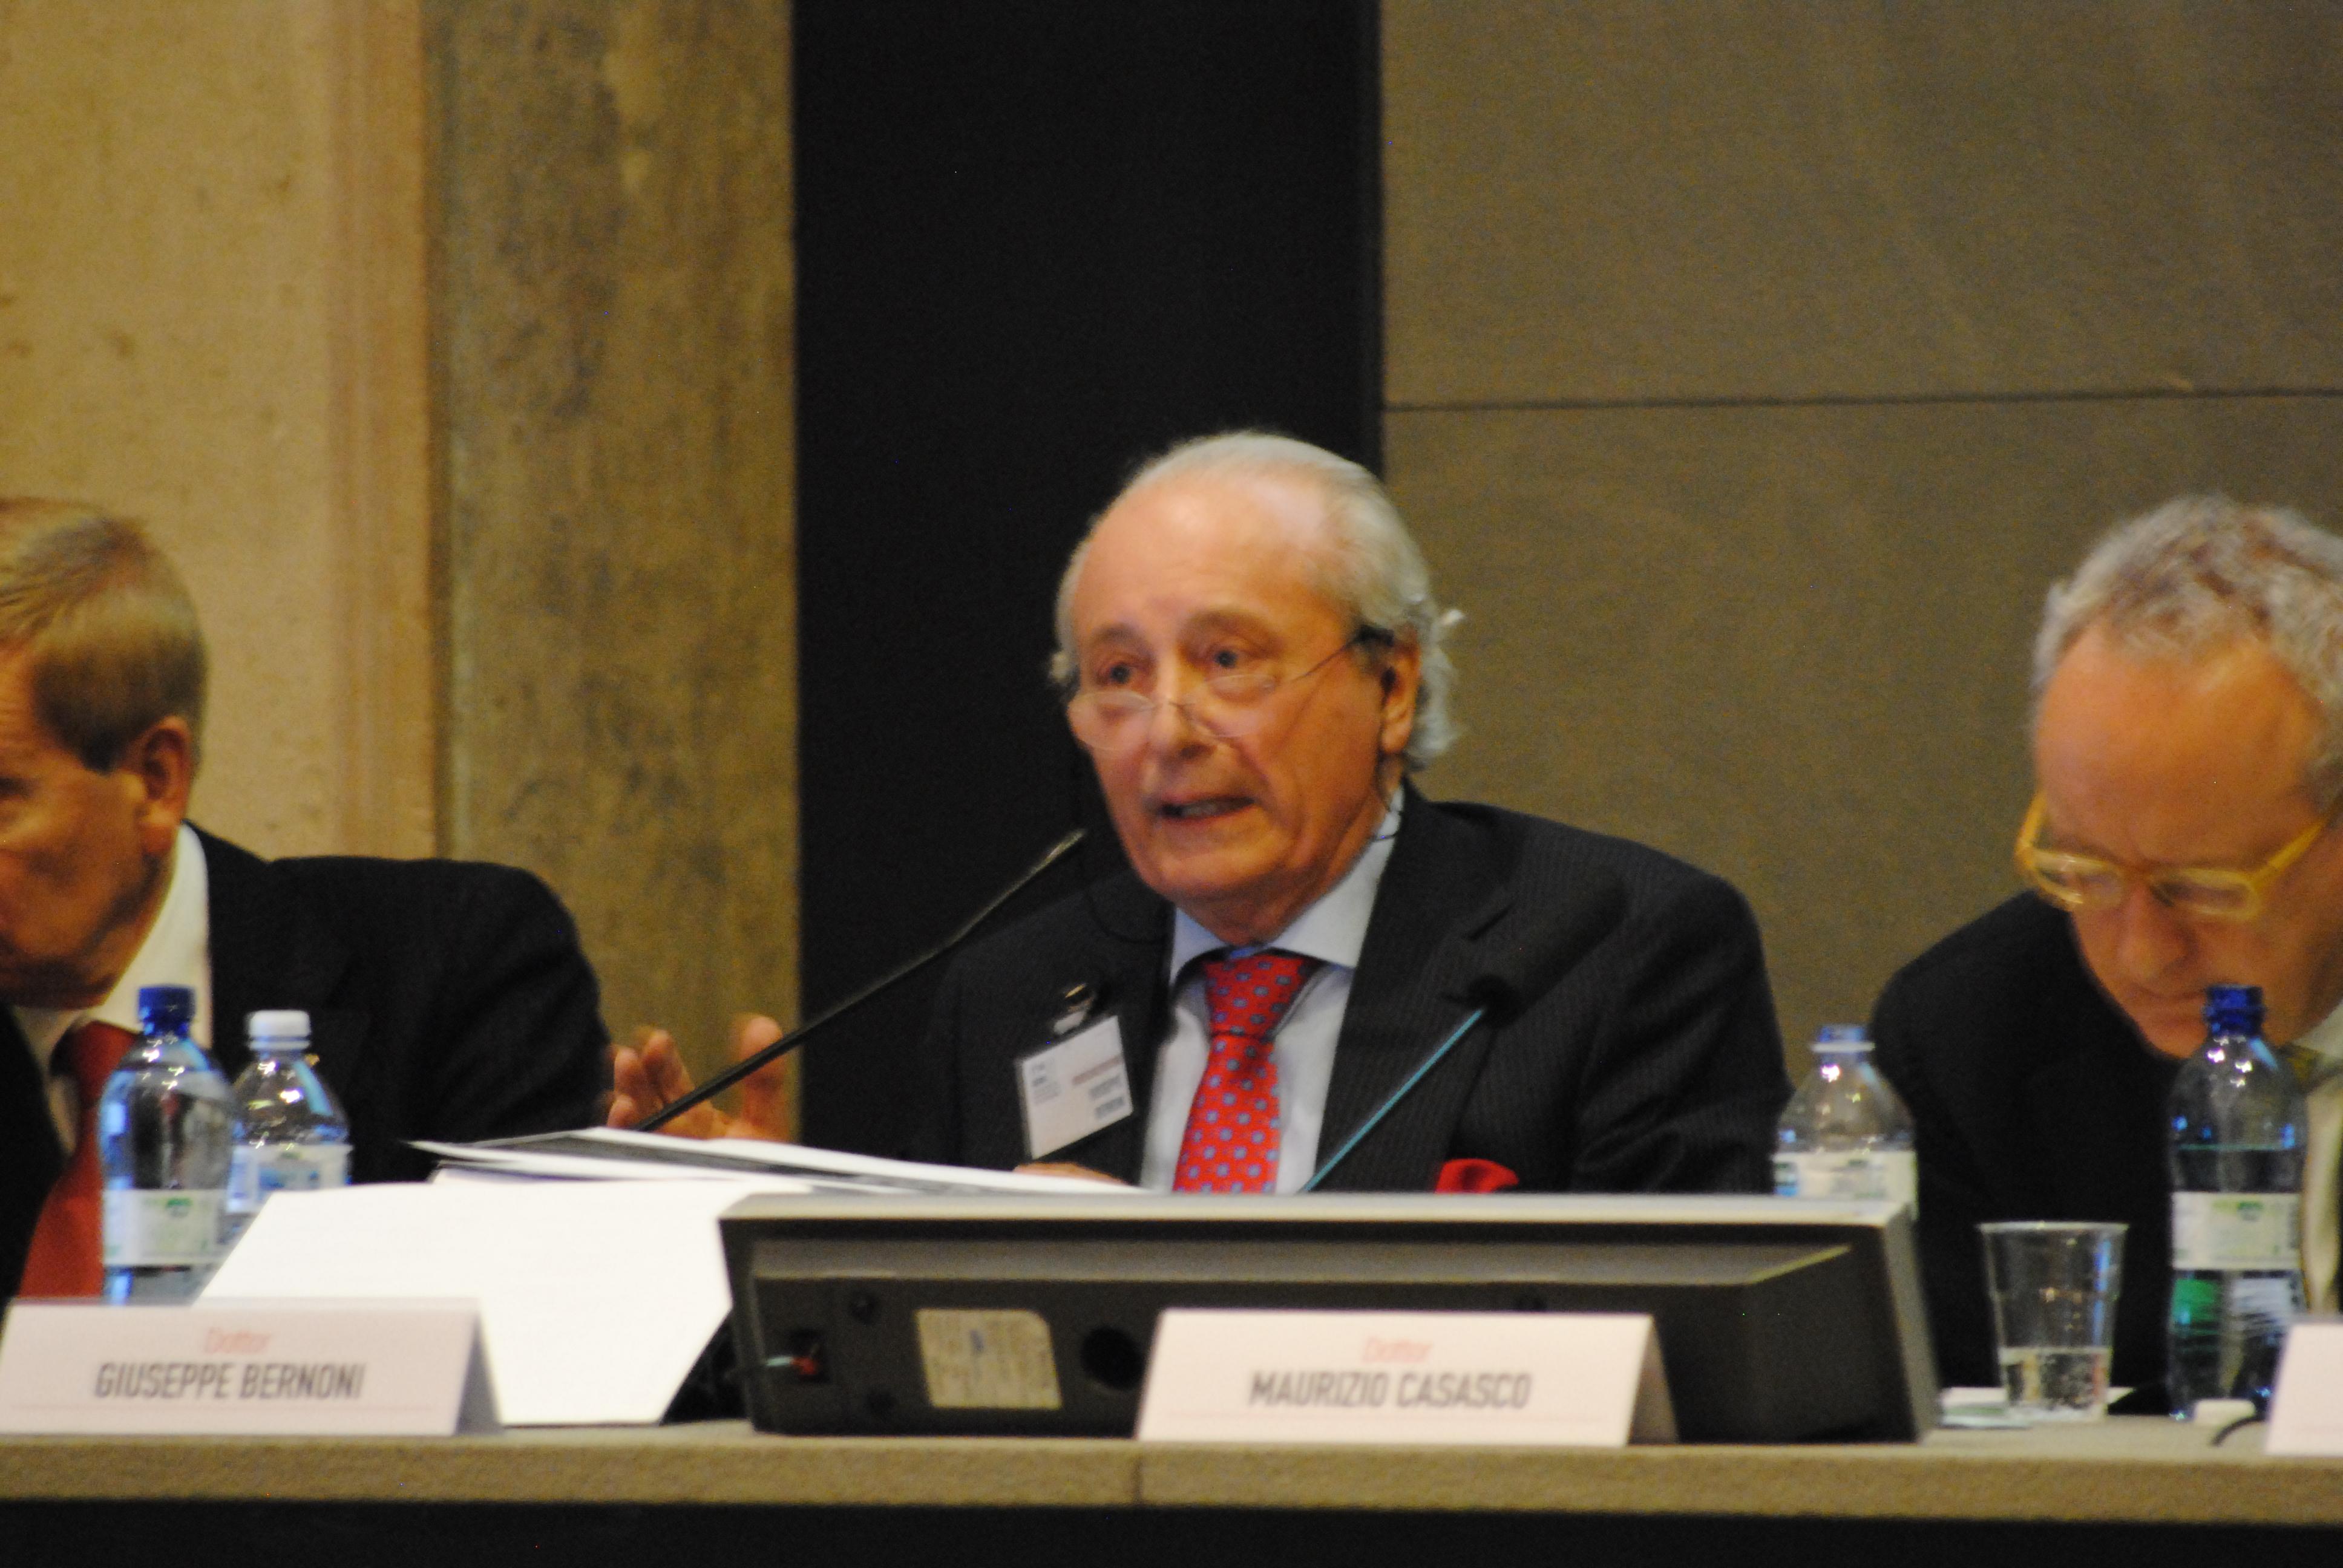 Convegno organizzato dalla Camera di Commercio Italo Germanica